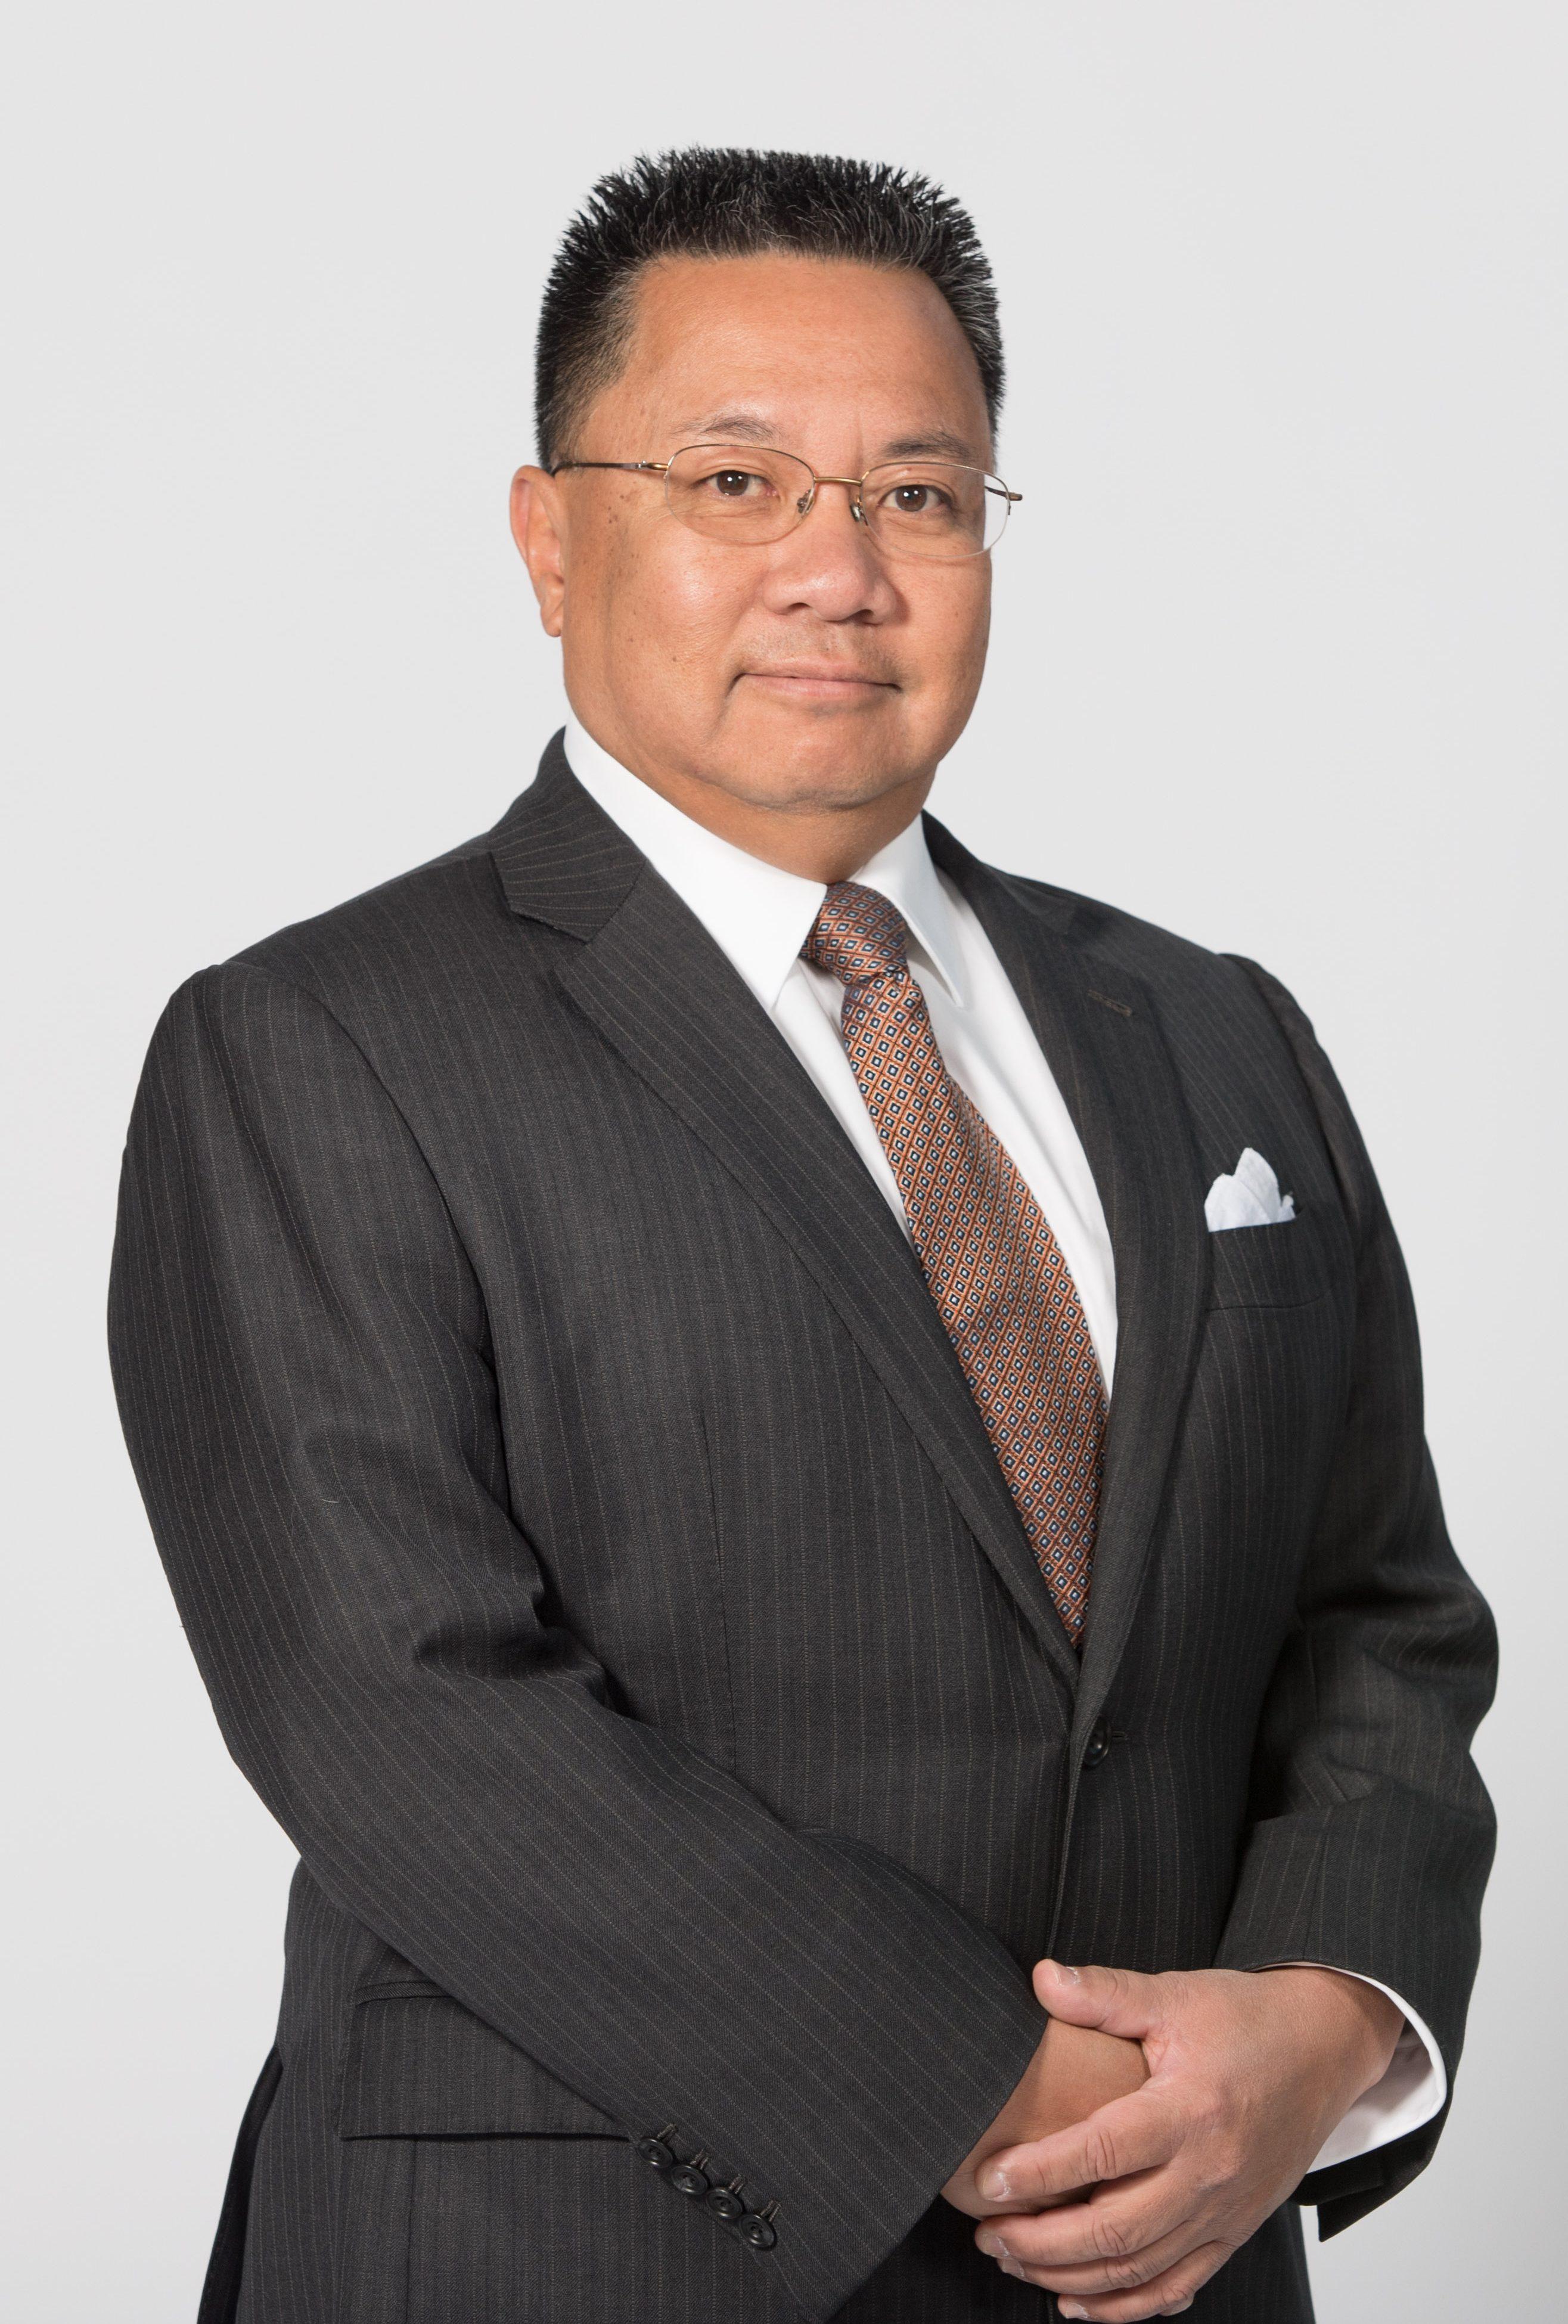 Harry K. Liu